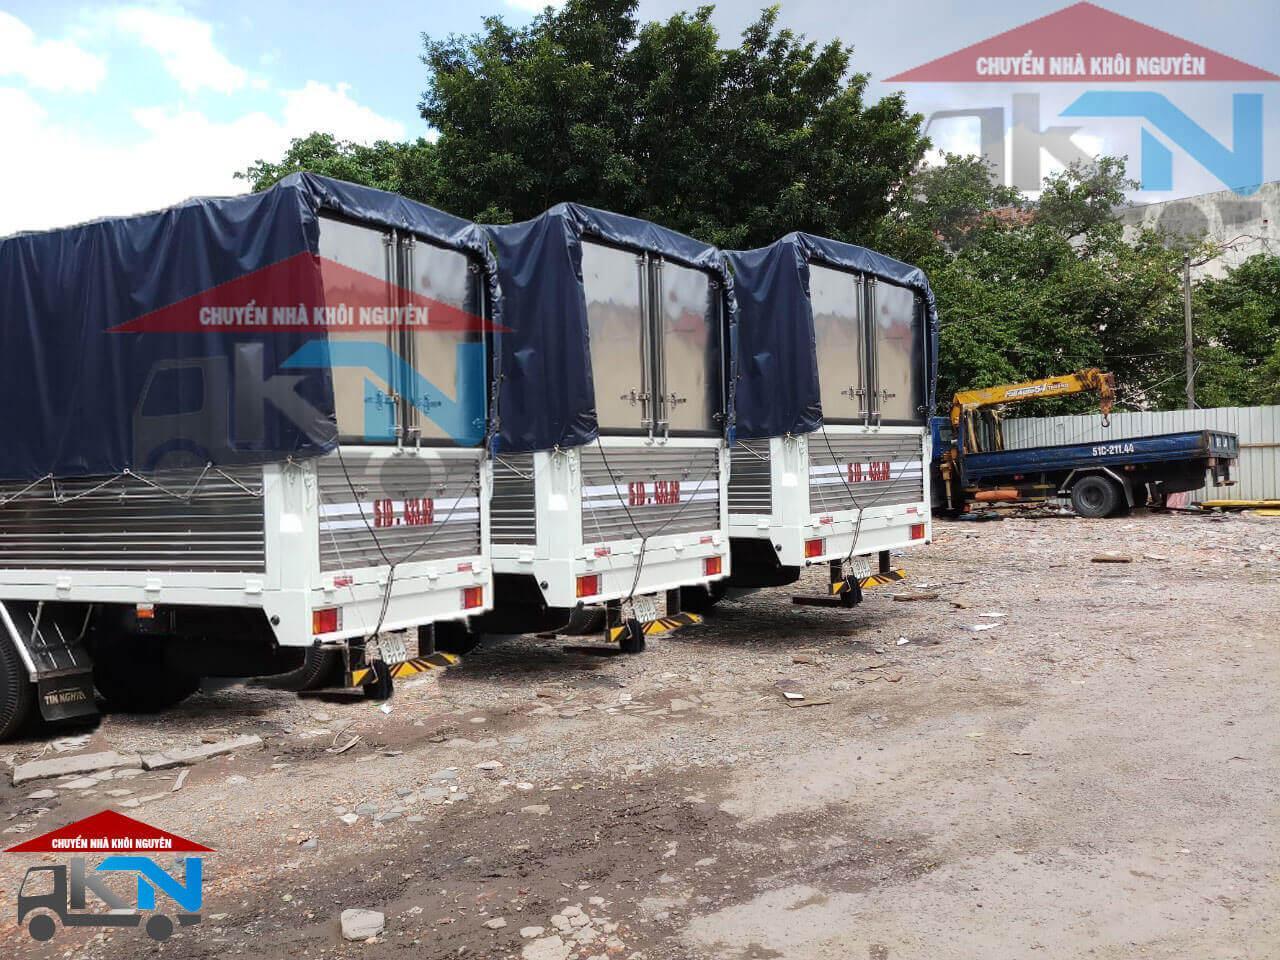 Dịch vụ cho thuê xe tải, vận chuyển hàng hóa